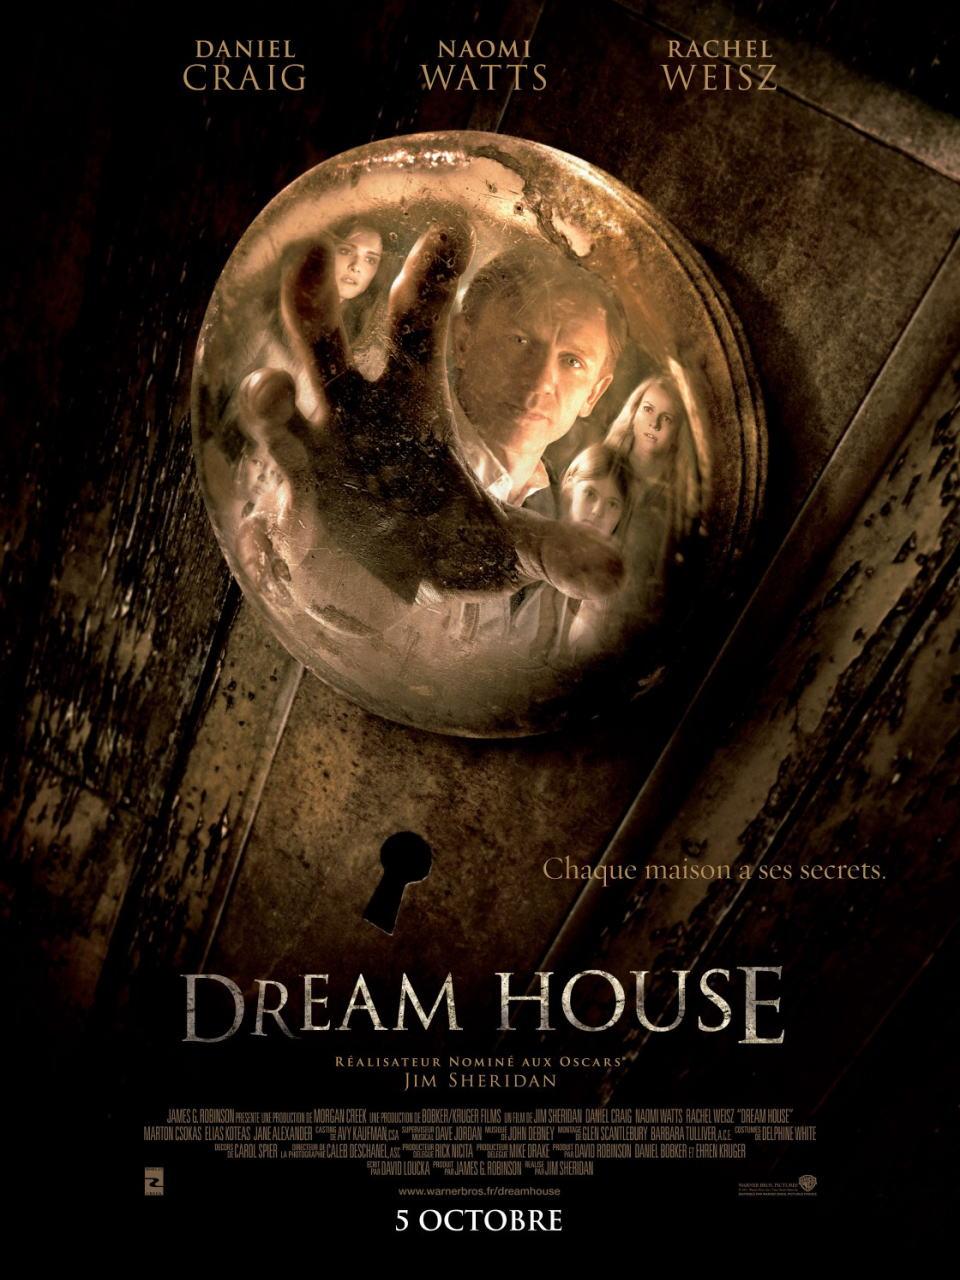 映画『ドリームハウス DREAM HOUSE』ポスター(2) ▼ポスター画像クリックで拡大します。